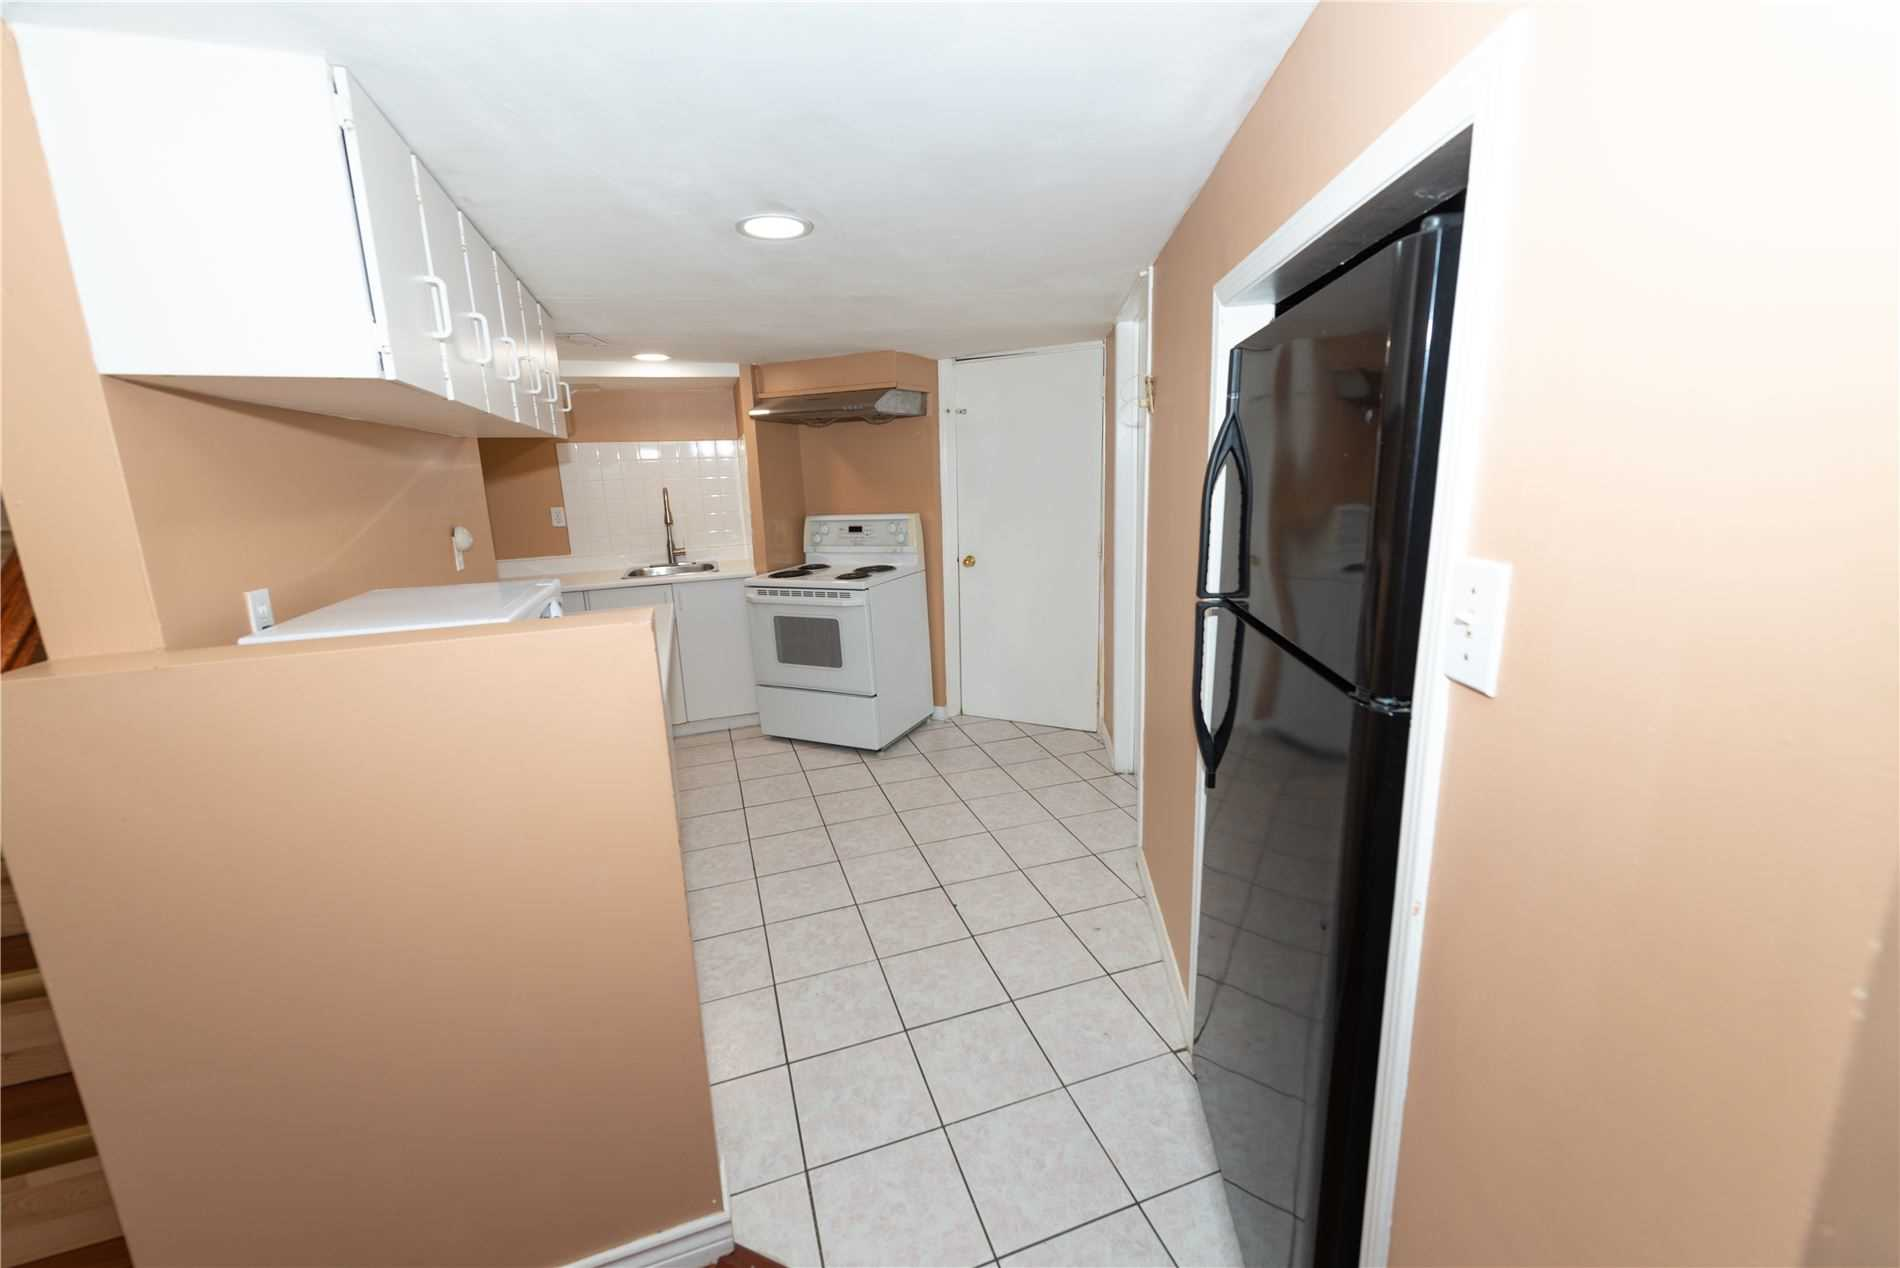 Semi-Detached For Lease In Brampton , 2 Bedrooms Bedrooms, ,1 BathroomBathrooms,Semi-Detached,For Lease,Lauraglen (Bsmt)